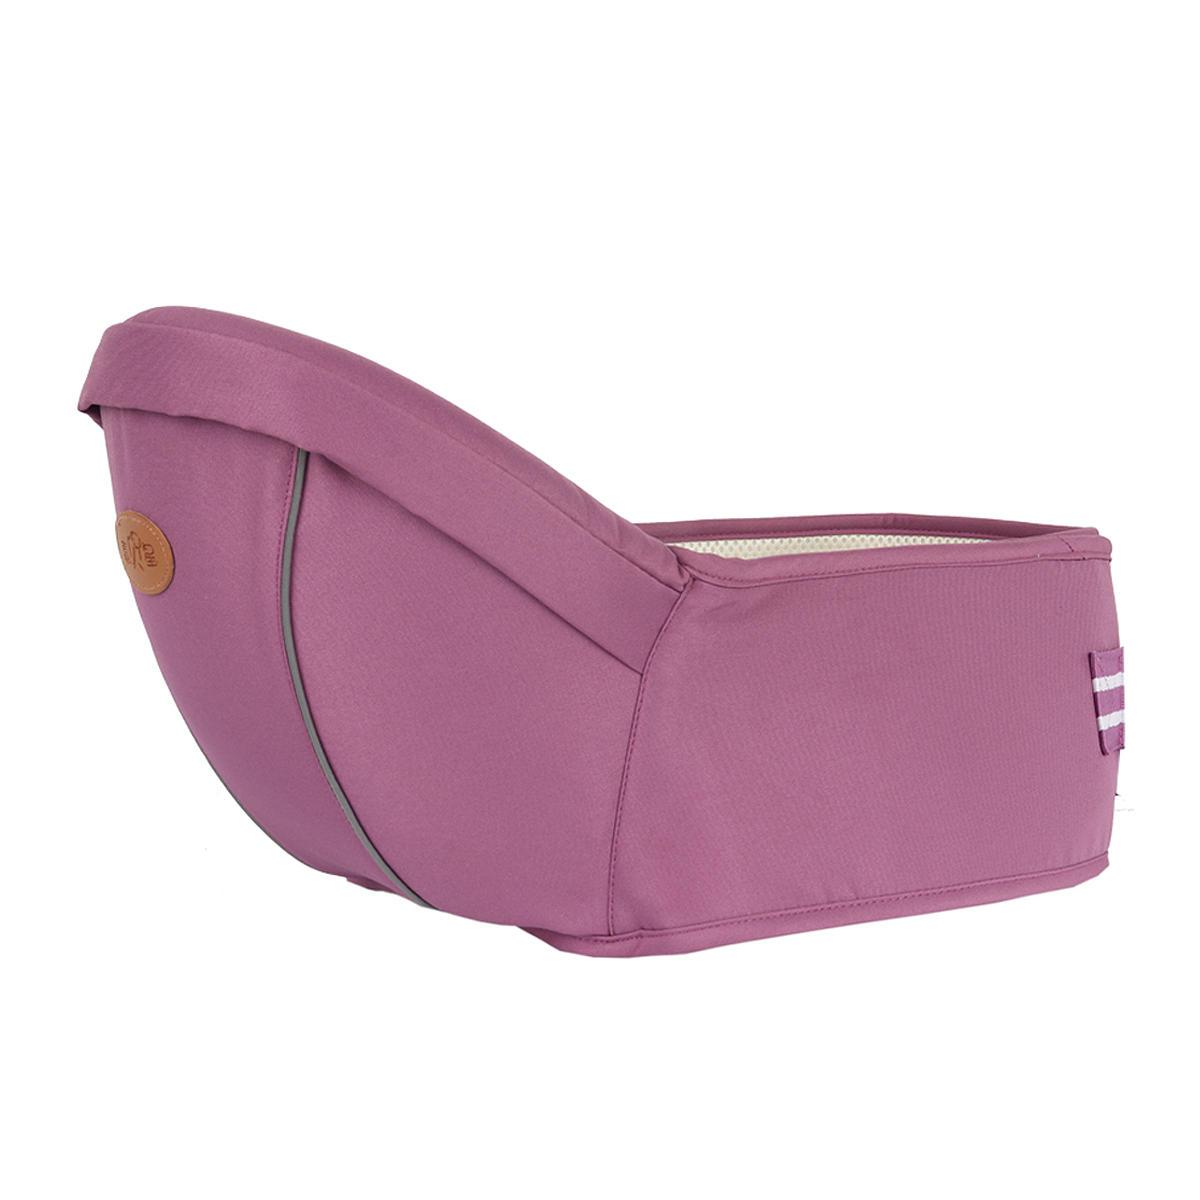 PortáteisAoArLivrePortadoresde Bebê Bolsa Cintura fezes Multi função Infantil Hold Hip Assento de Acampamento de Viagem - 6